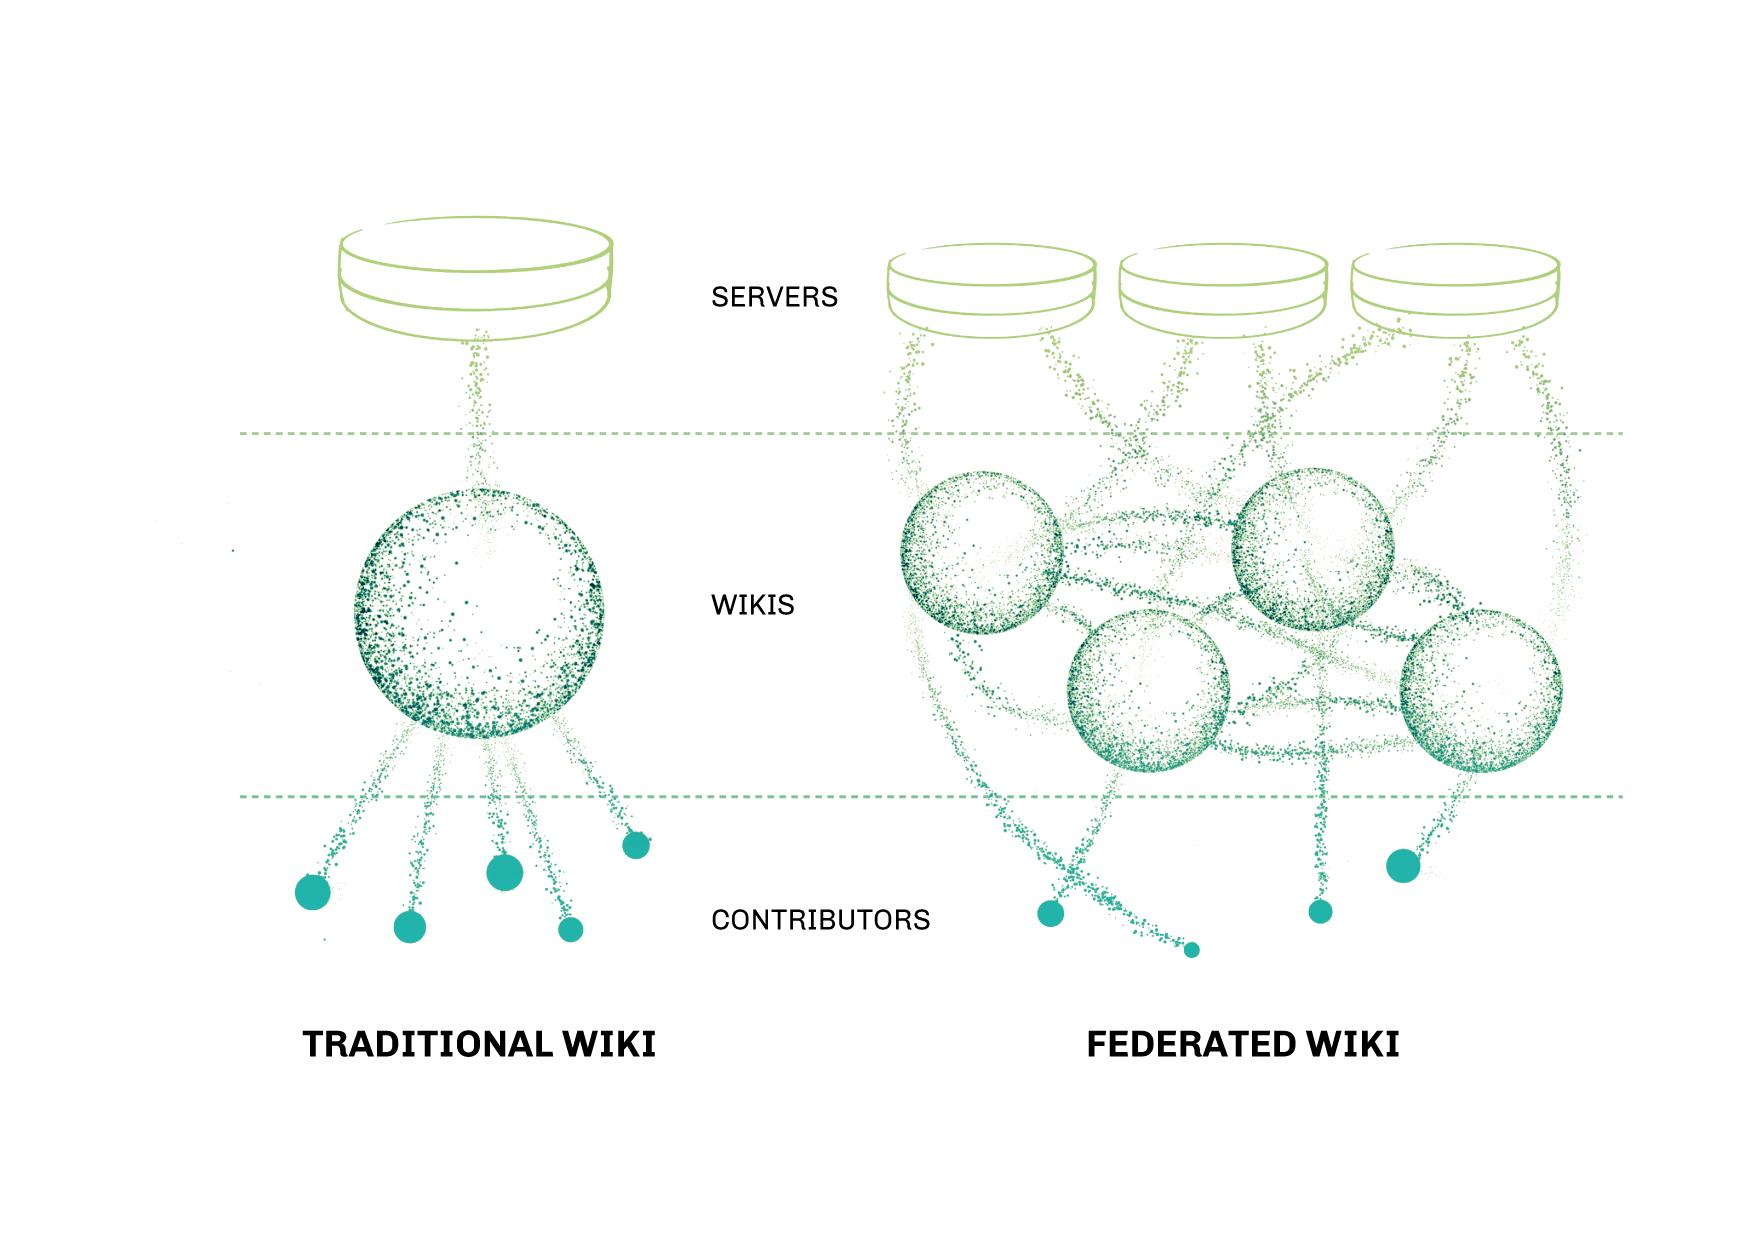 Gràfic que compara la diferent manera de distribuir i editar la informació en una Wiki tradicional i en una Wiki federada